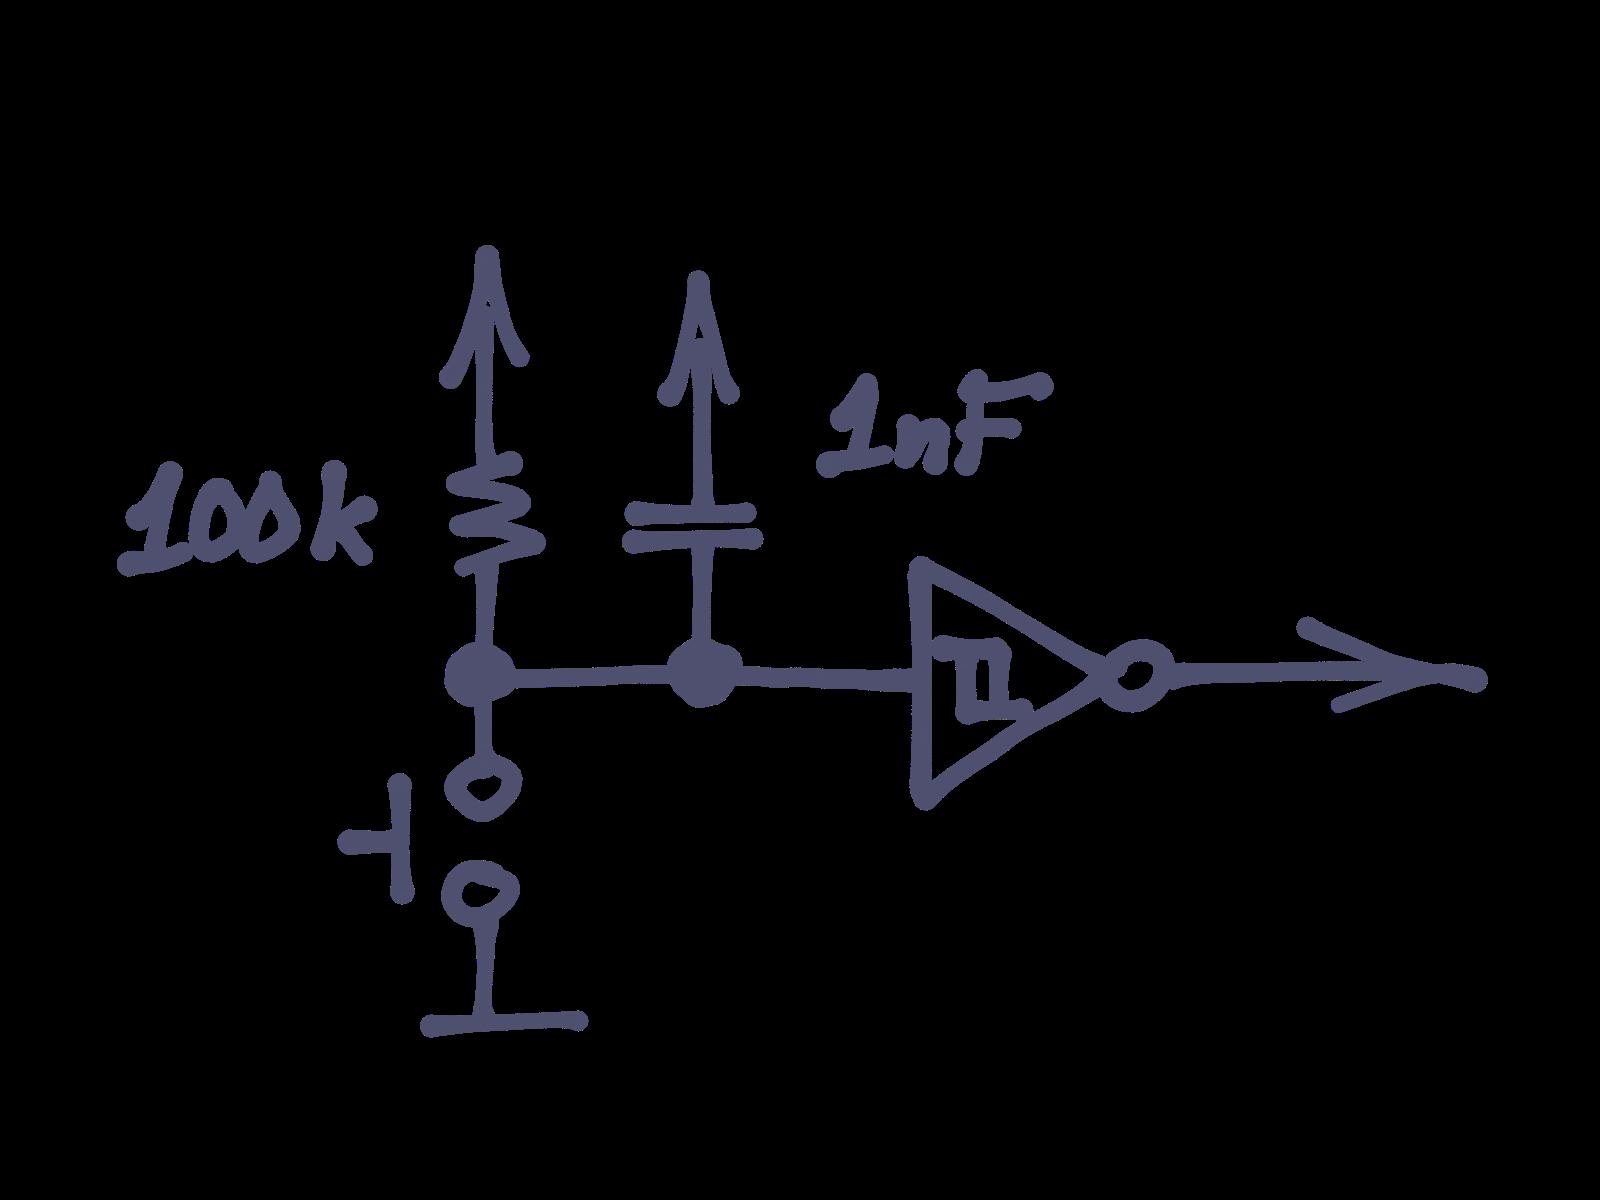 components_debouncer-schematic.png